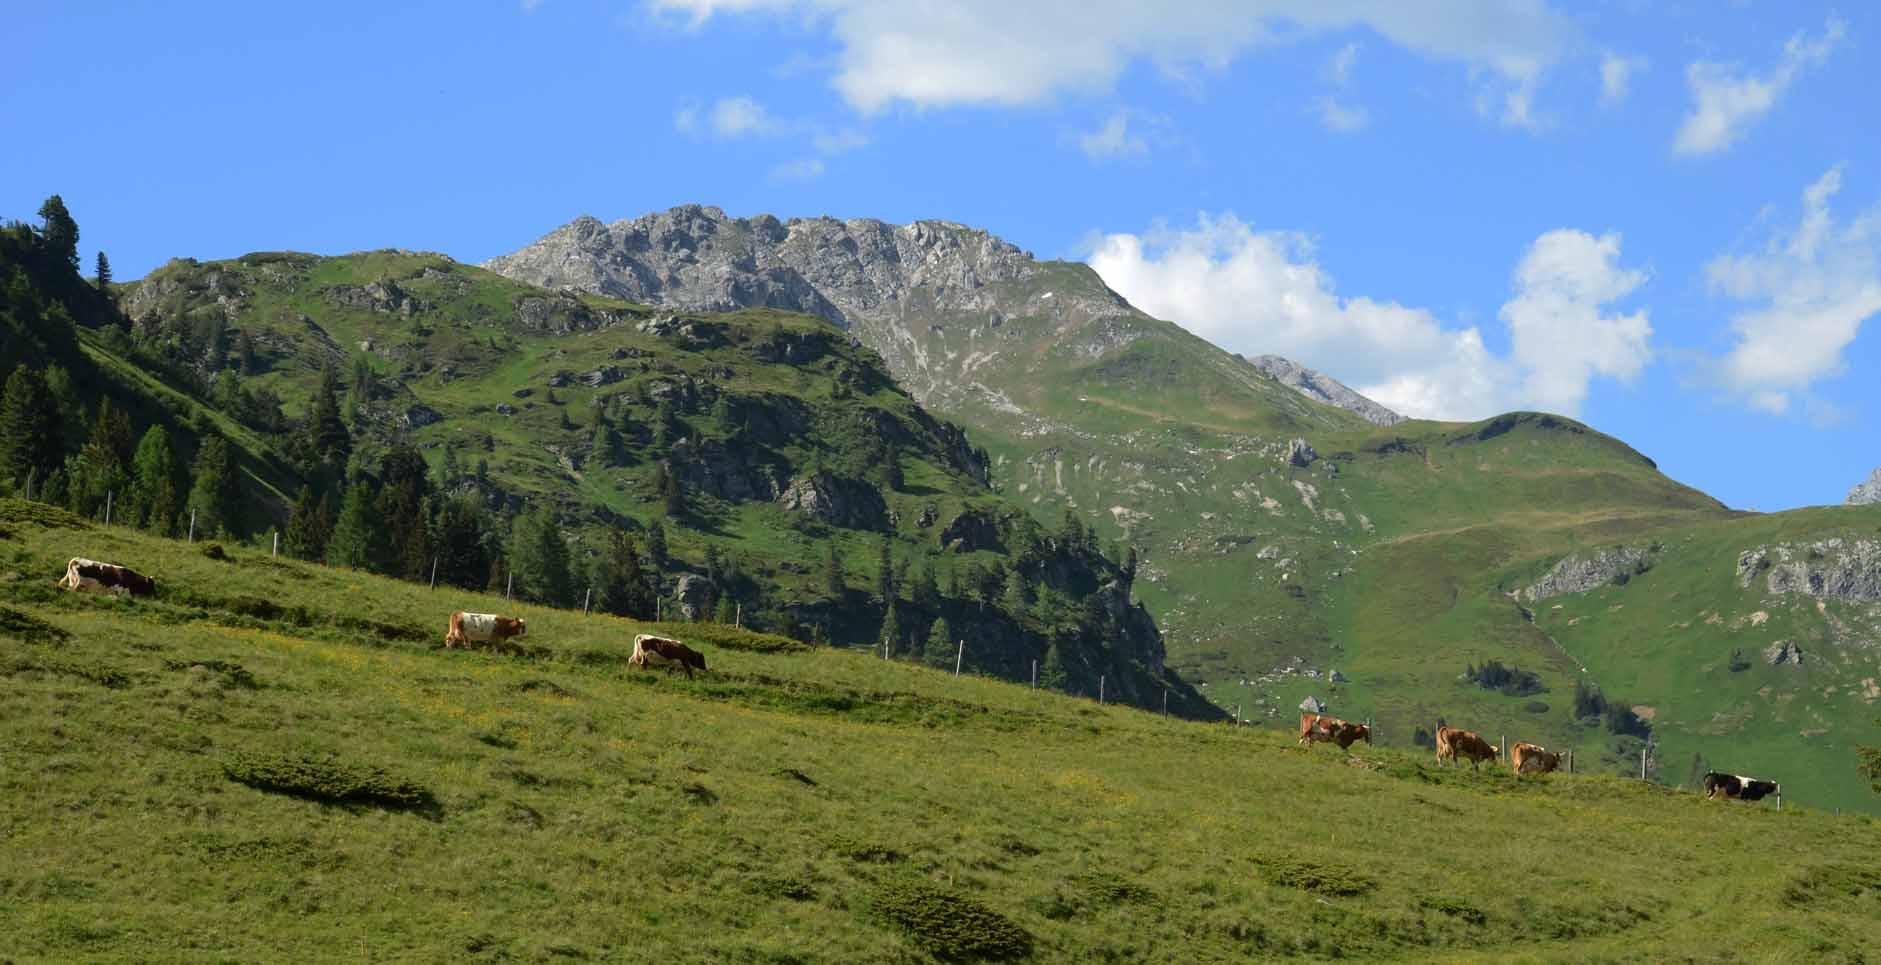 Kühe auf ihrer Weide